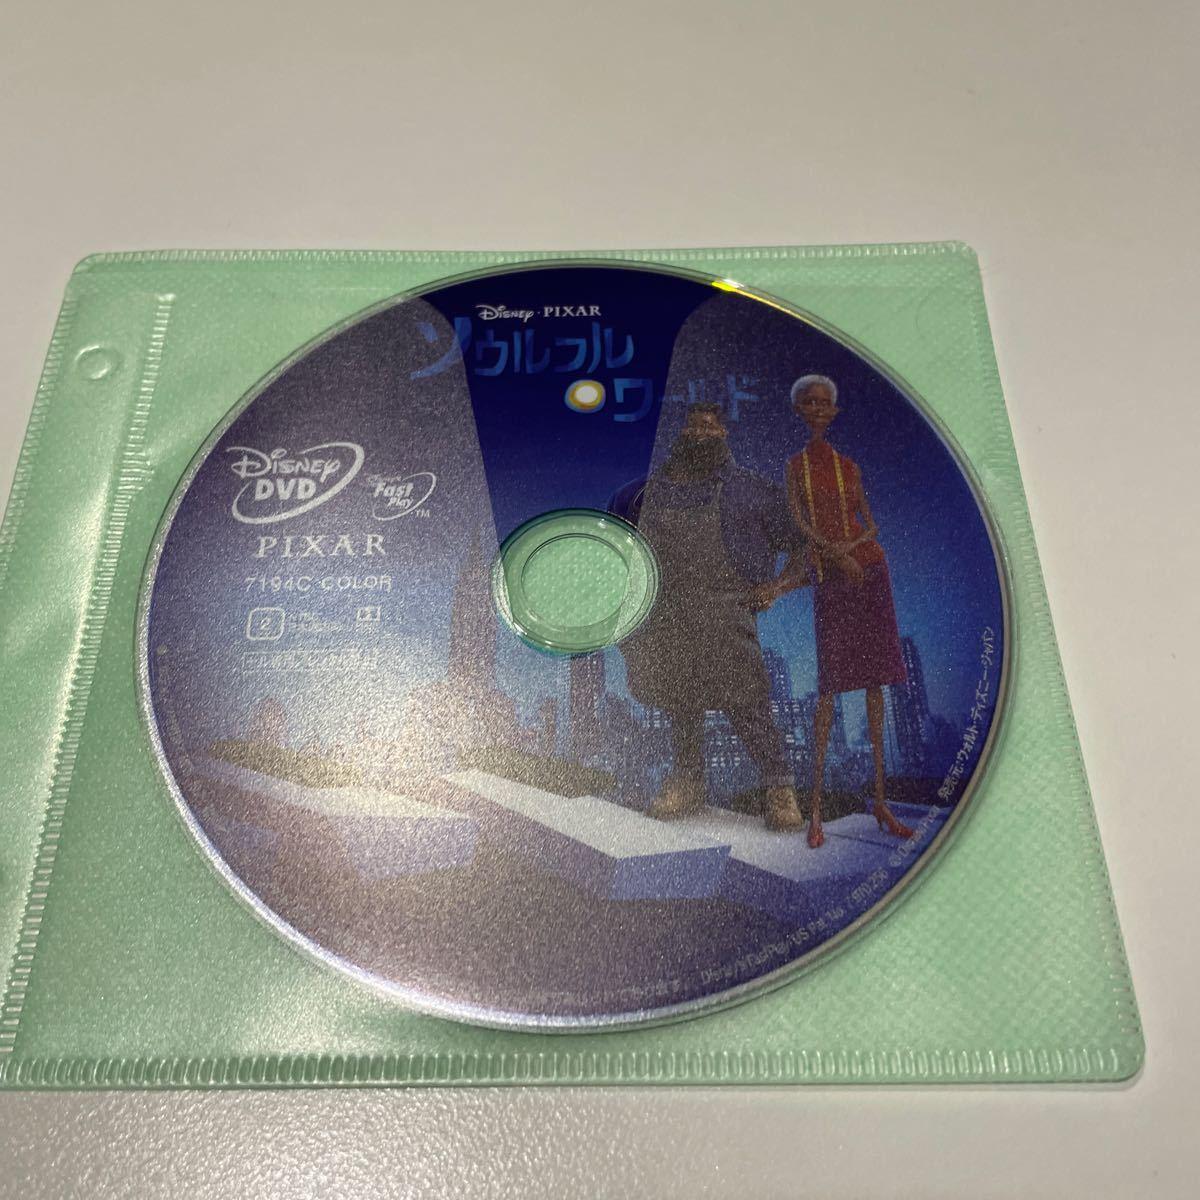 DVD ソウルフルワールド ディズニー ピクサー 一度視聴